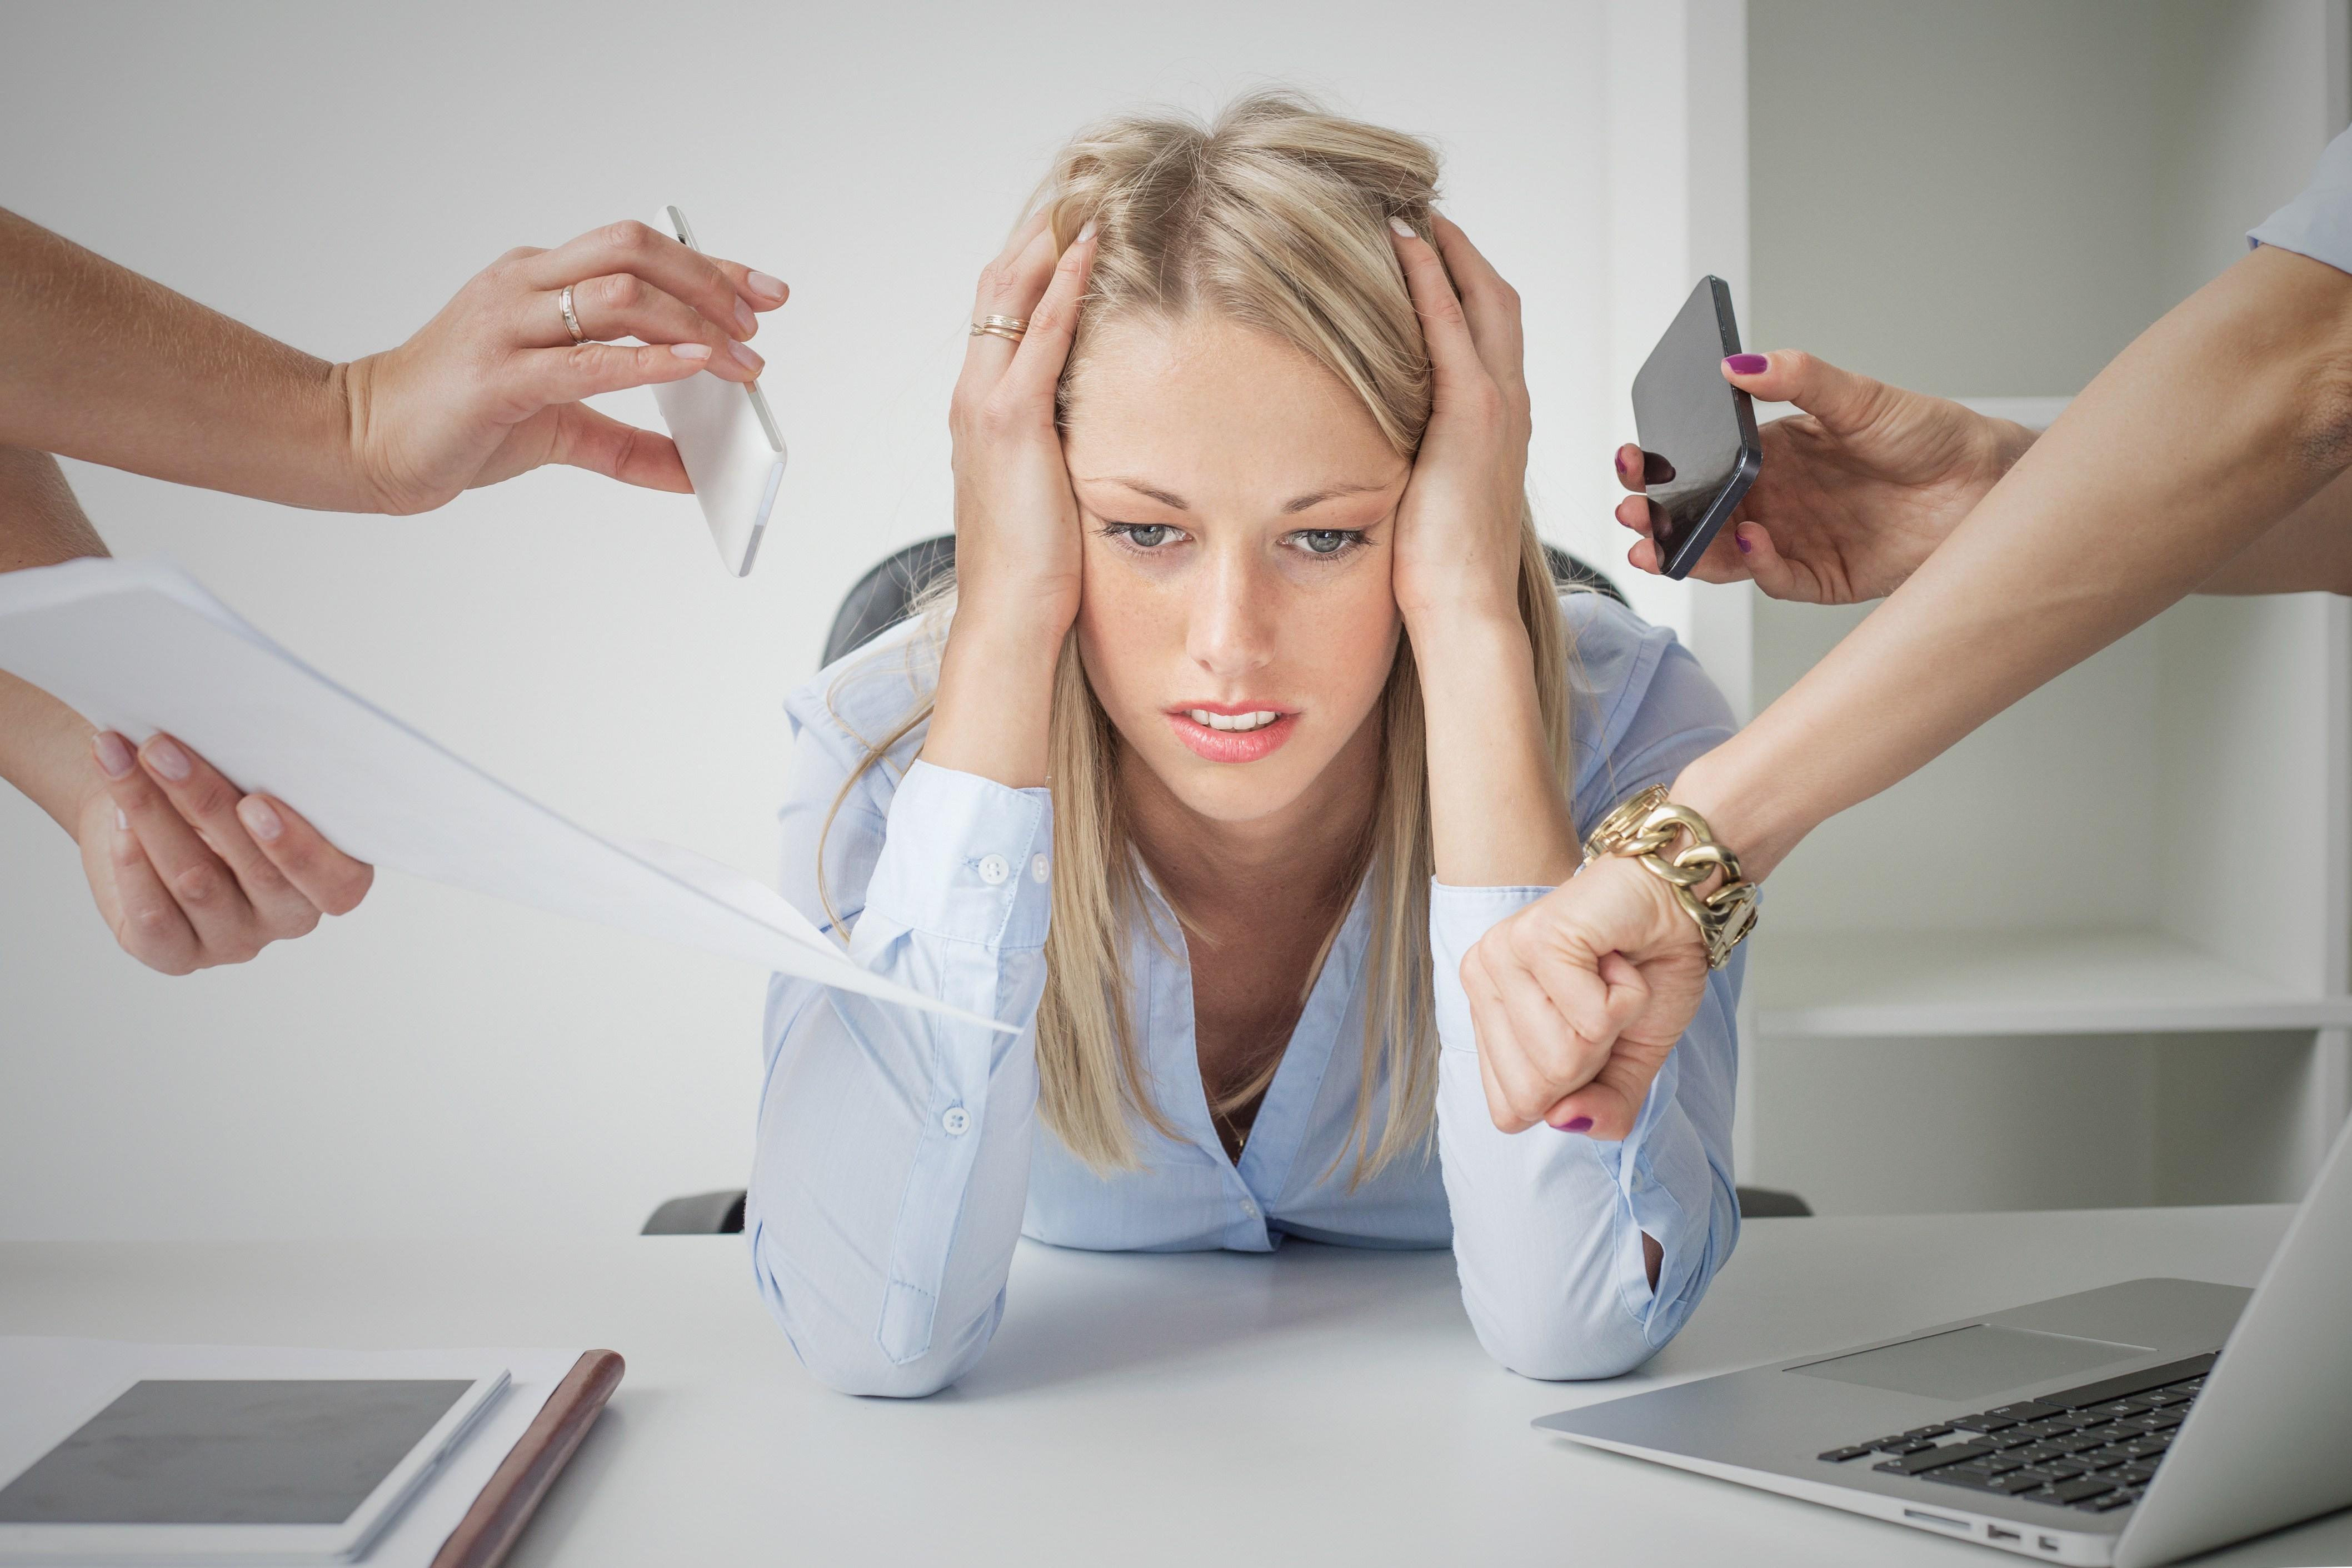 Стрессоустойчивость - это развитие человека как личности: как стать стрессоустойчивым, как выработать на работе, как поднять, диагностика